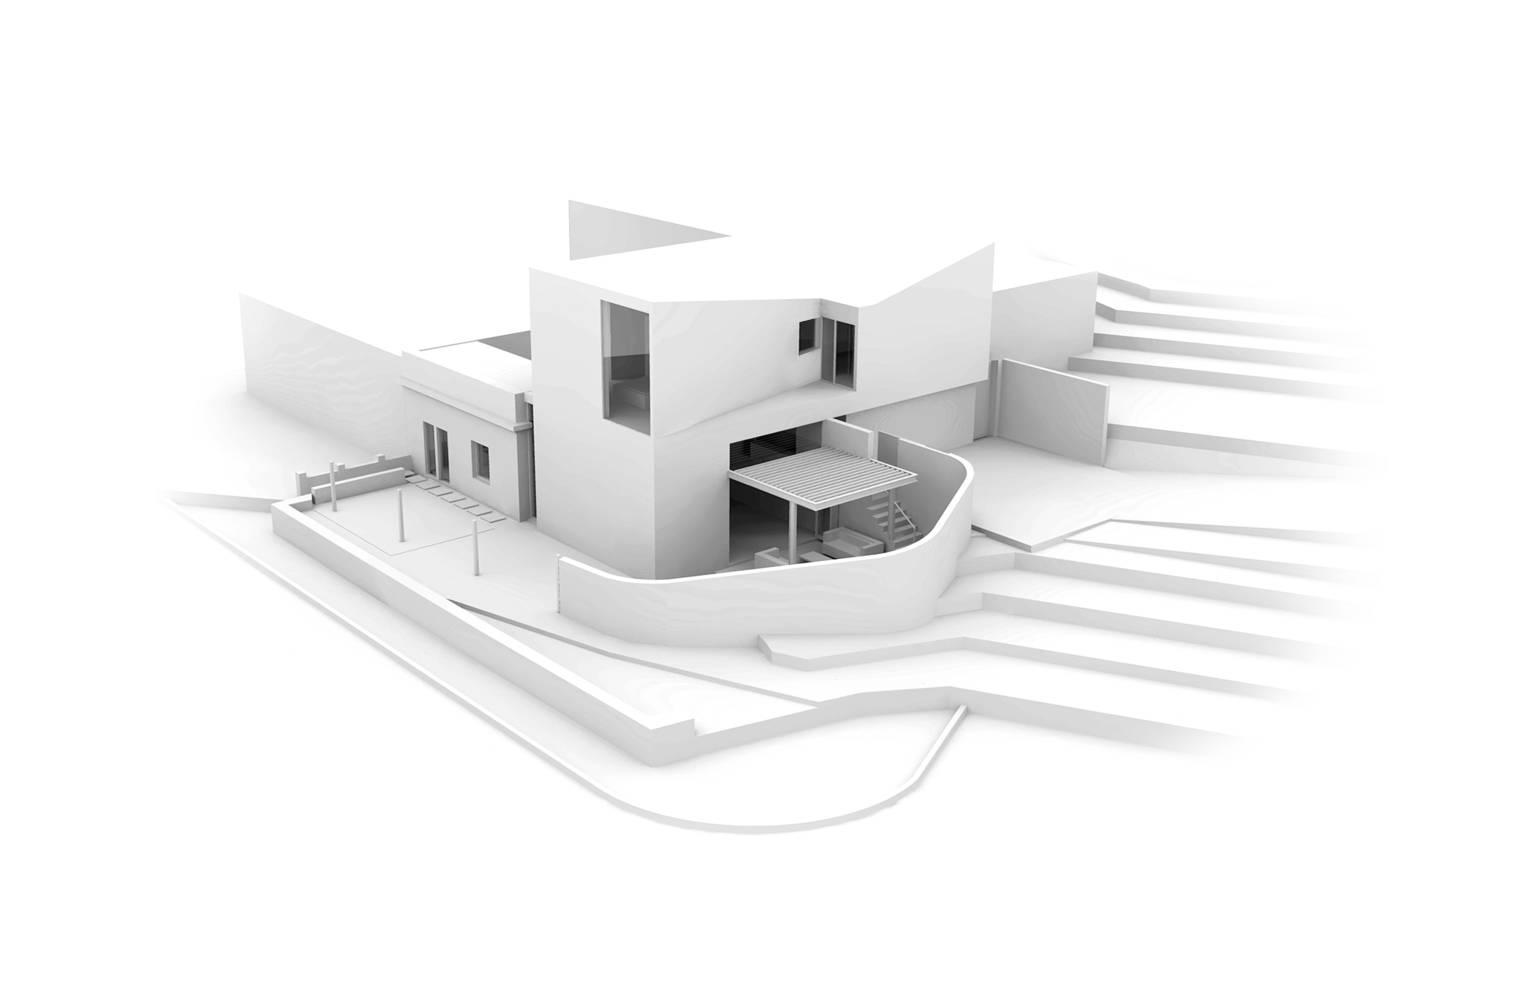 27 Clovelly Avenue - Conceptual Model